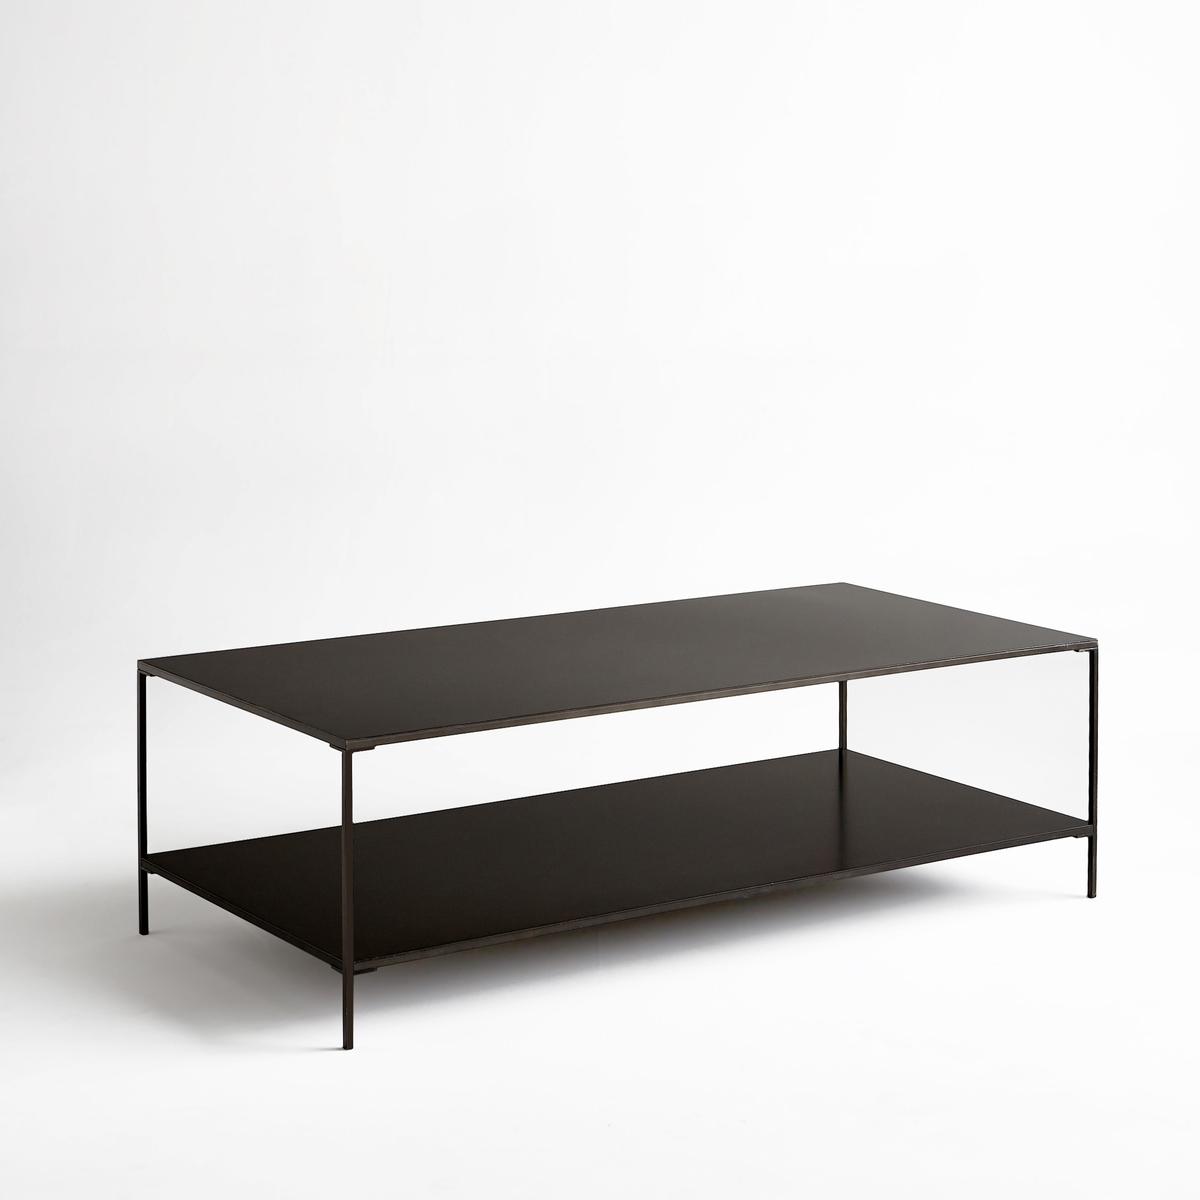 Столик La Redoute Журнальный прямоугольный из металла Yram единый размер серый